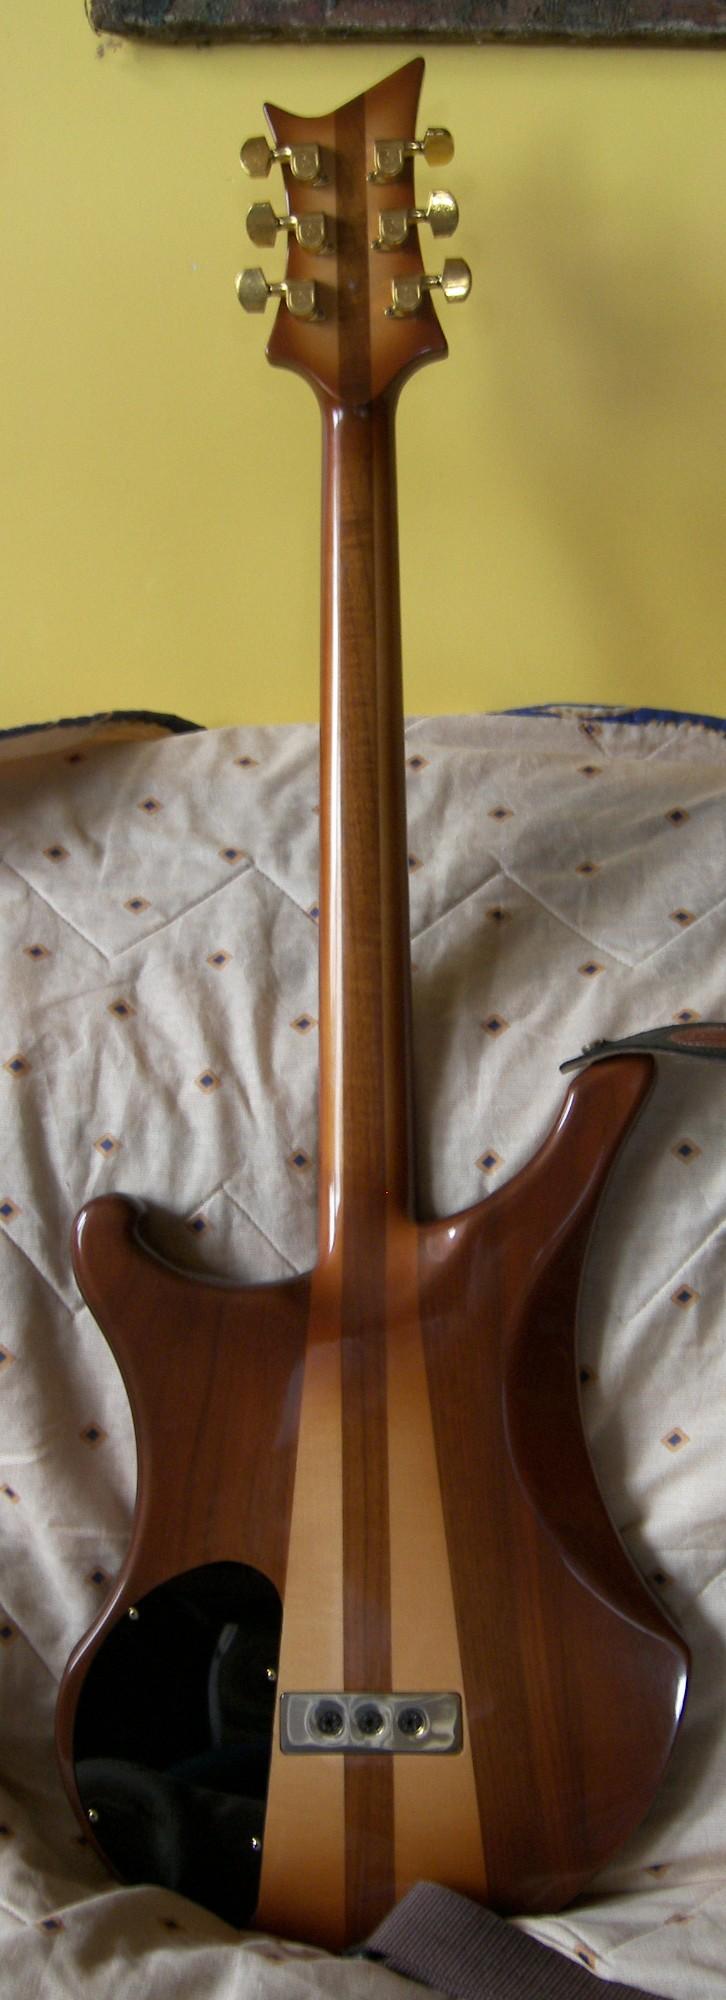 Photos de vos guitares. [Ancien Topic] - Page 39 102_9114